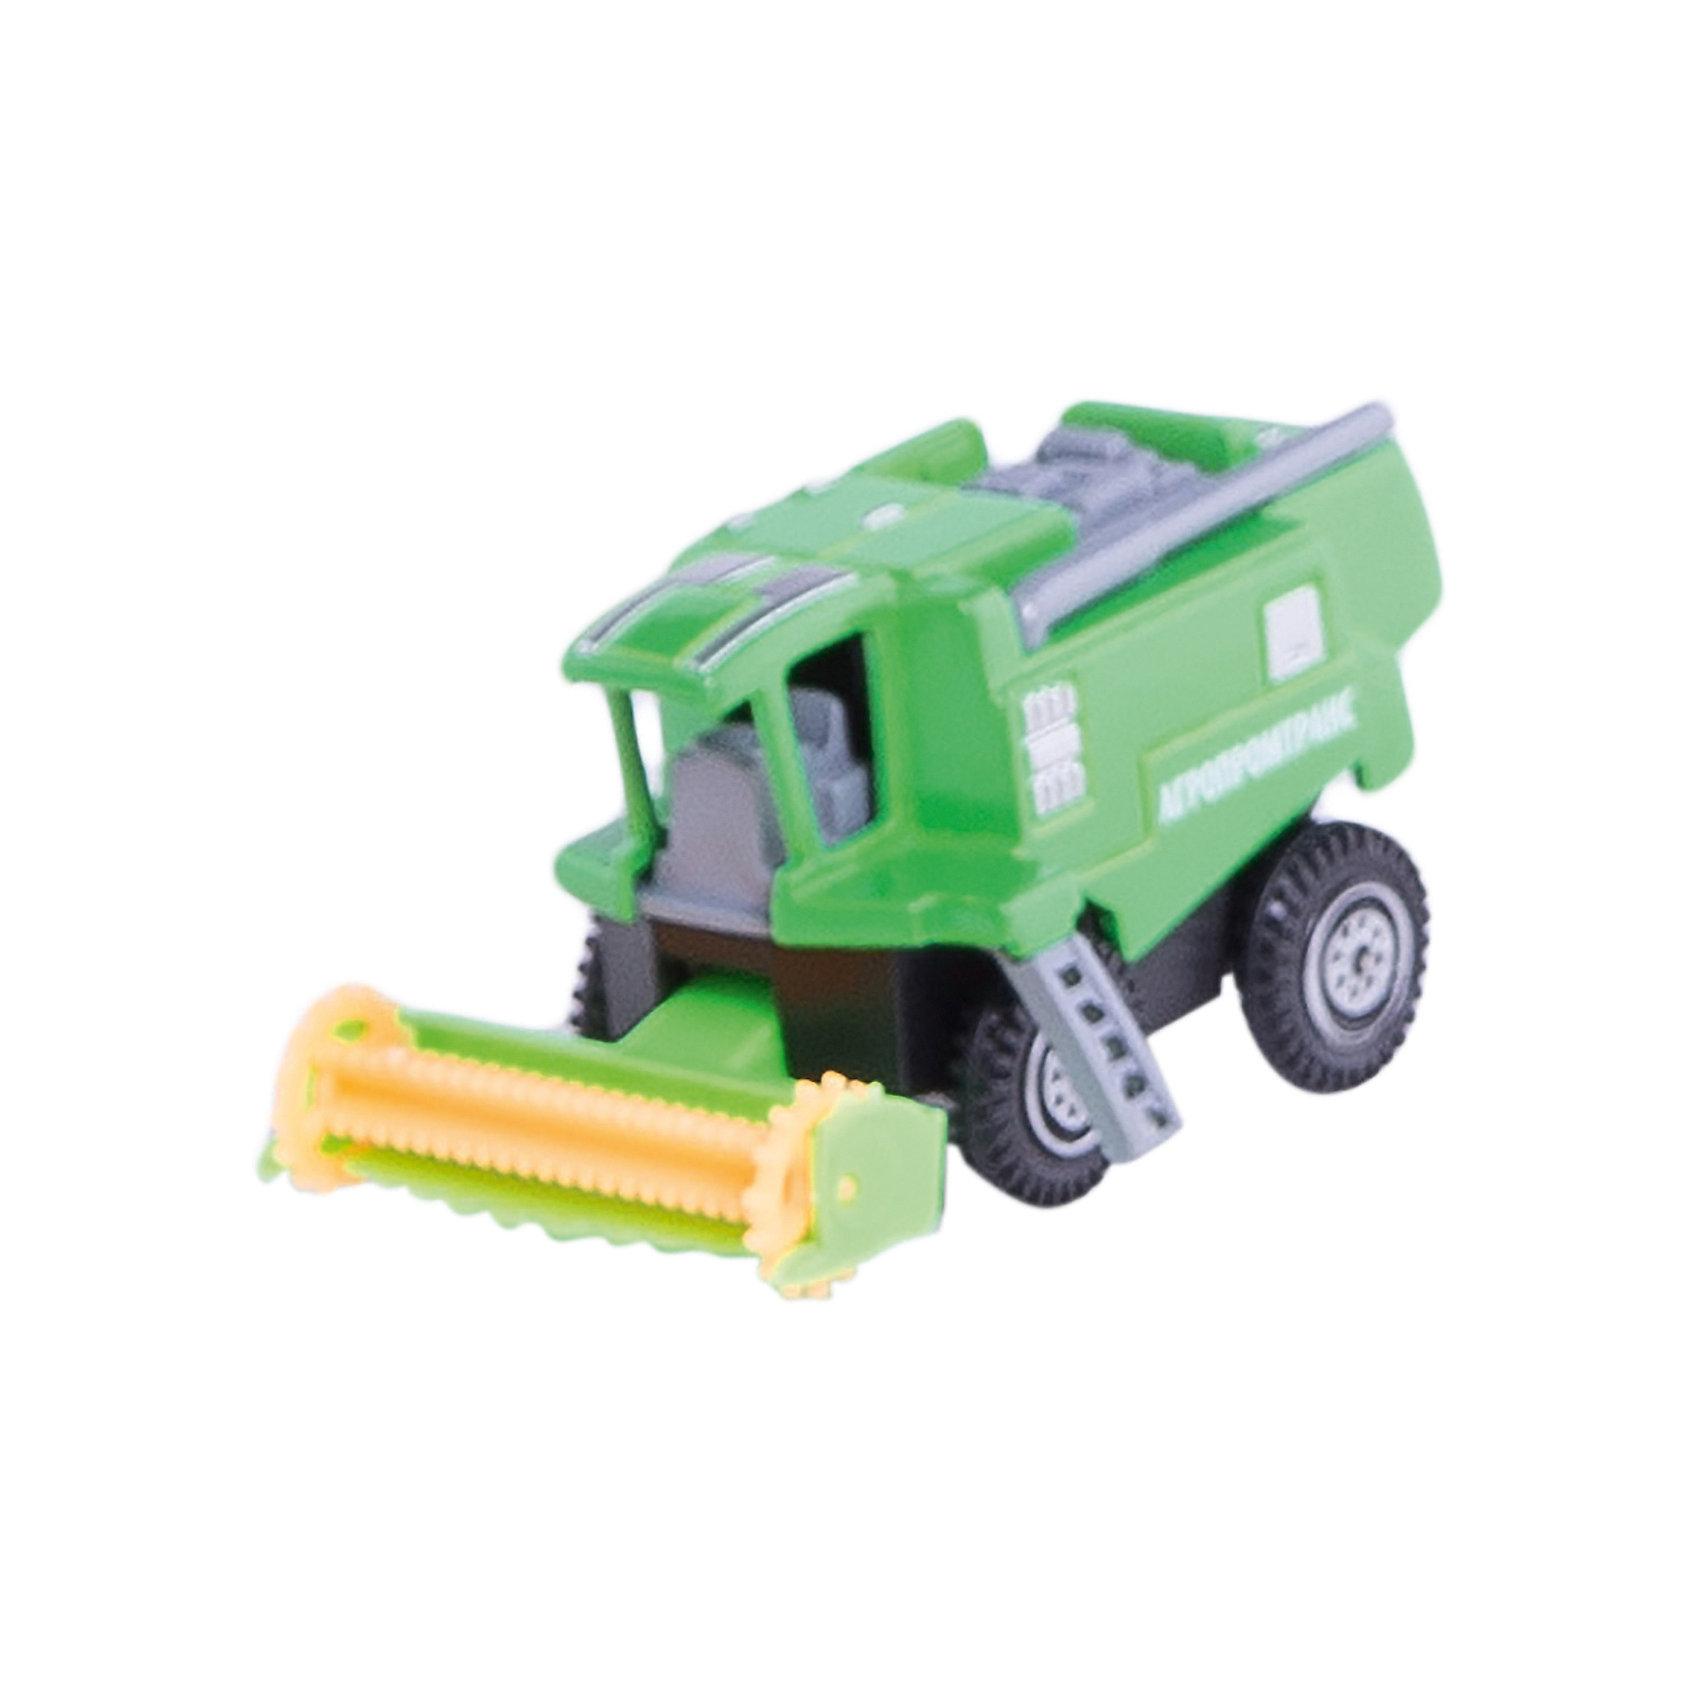 Комбайн, 7,5см, ТЕХНОПАРККомбайн, 7,5см, ТЕХНОПАРК<br><br>Характеристики:<br><br>• Возраст: от 3 лет<br>• Цвет: зеленый<br>• Материал: пластик, металл<br>• Размер игрушки: 5х11х9<br><br>Высококачественная сборка машинки позволит ребенку играть, не боясь, что что-то сломается в процессе. Крепкие колеса и схожесть с настоящим трактором сделает игру более реальной. С помощью такого трактора ребенок сможет узнать обо всех функциях, которые выполняет настоящий комбайн. Игрушка не потеряет цвет и не выделяет токсичных веществ, поэтому полностью безопасна для детей.<br><br>Комбайн, 7,5см, ТЕХНОПАРК можно купить в нашем интернет-магазине.<br><br>Ширина мм: 100<br>Глубина мм: 60<br>Высота мм: 120<br>Вес г: 80<br>Возраст от месяцев: 36<br>Возраст до месяцев: 9<br>Пол: Мужской<br>Возраст: Детский<br>SKU: 4950440